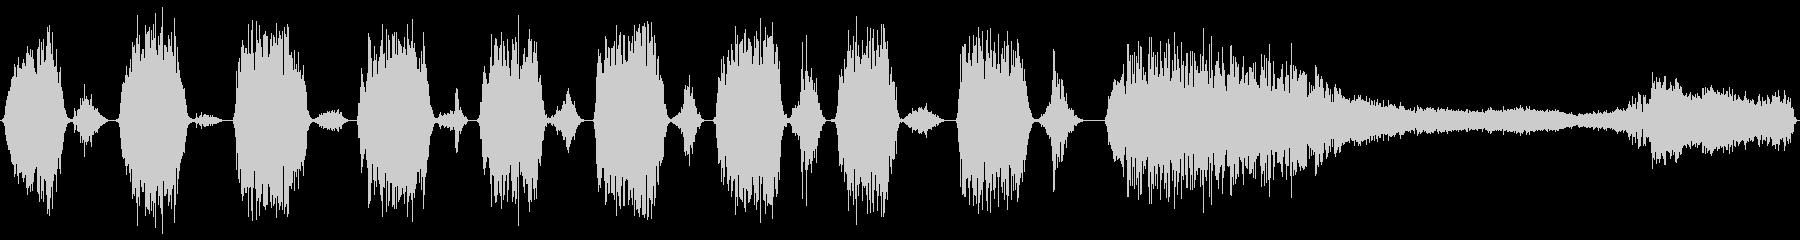 パンティングブレスの鳴き声クリーチ...の未再生の波形